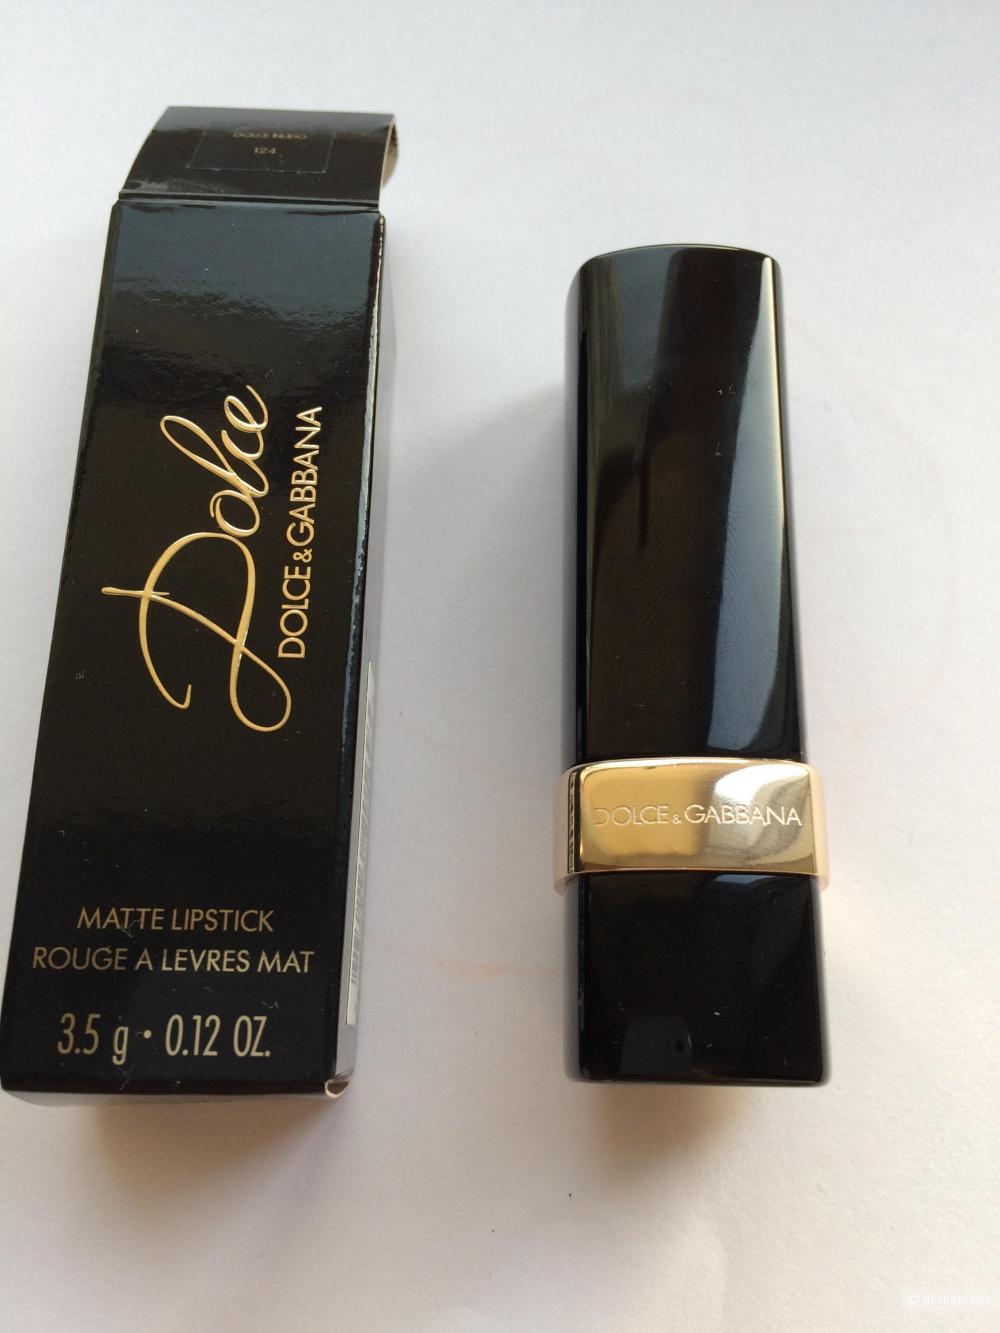 Помада Dolce Gabbana оттенок 124 Dolce Nudo